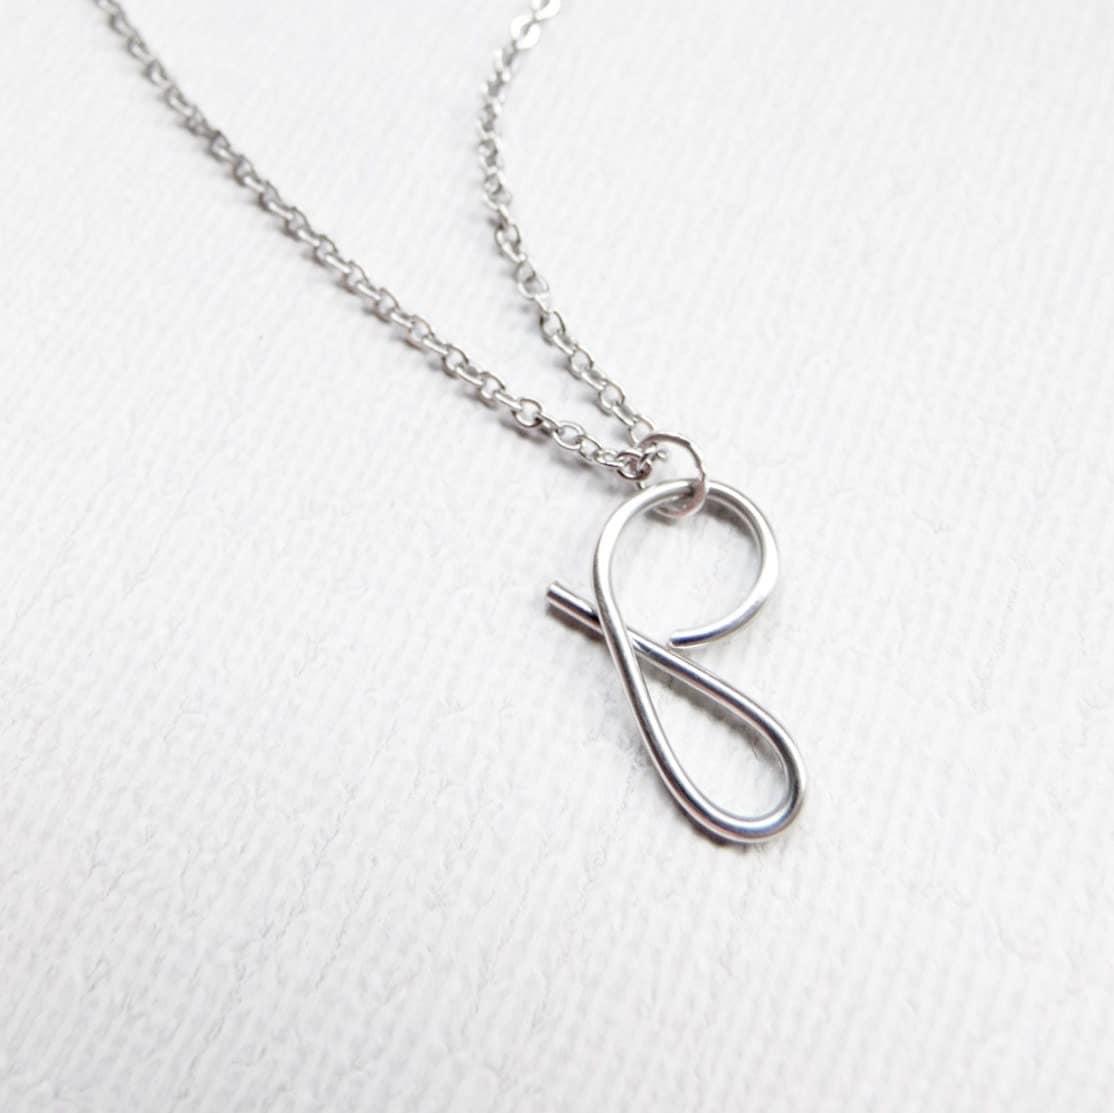 worksheet Cursive P letter p necklace silver initial cursive necklace